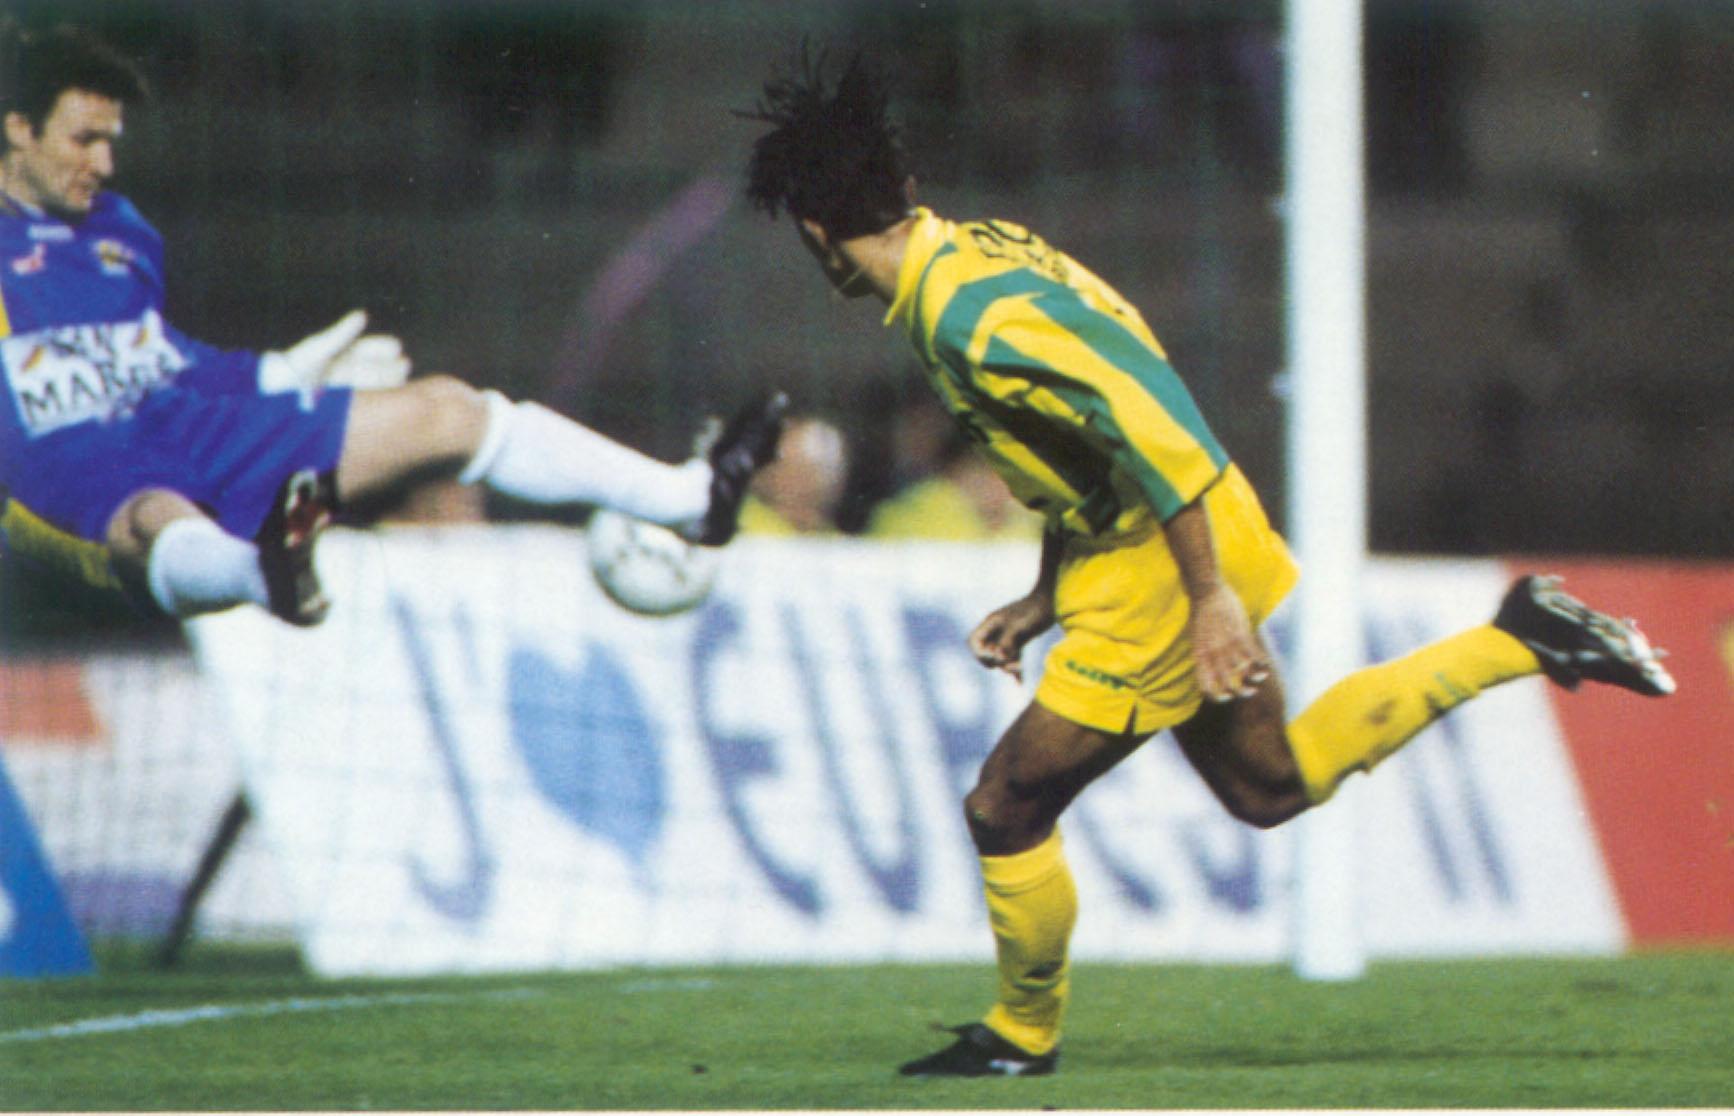 Patrice bat le gardien martégal Éric Durand - Nantes/Martigues - 11 février 1995 (Photo : D.R.)